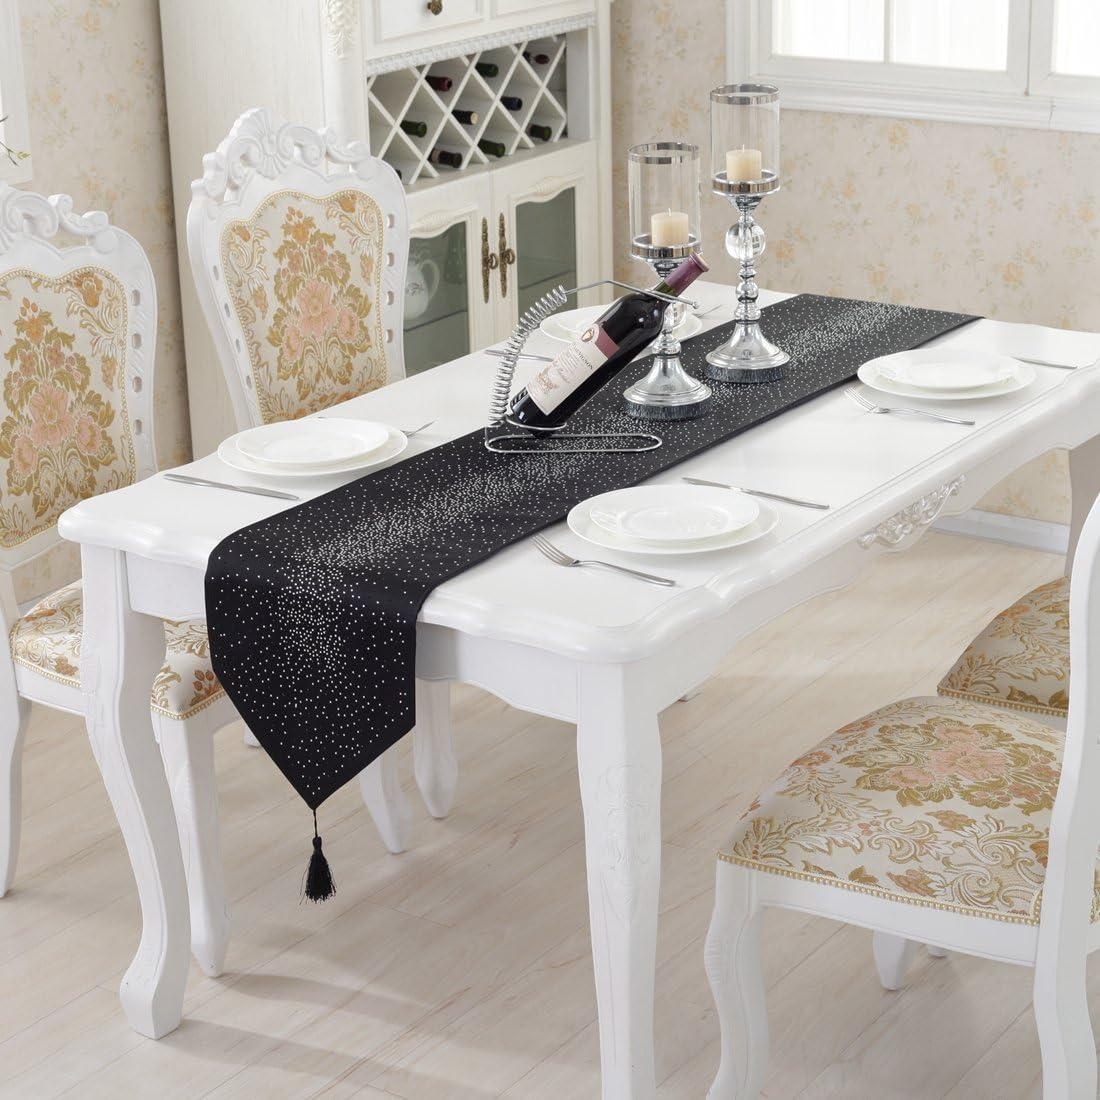 33 * 160cm Bianco 12.5*63 Lusso Lucido Diamante Luminoso Star Damascato Seta Nappa Home Pollo Decorativo Runner